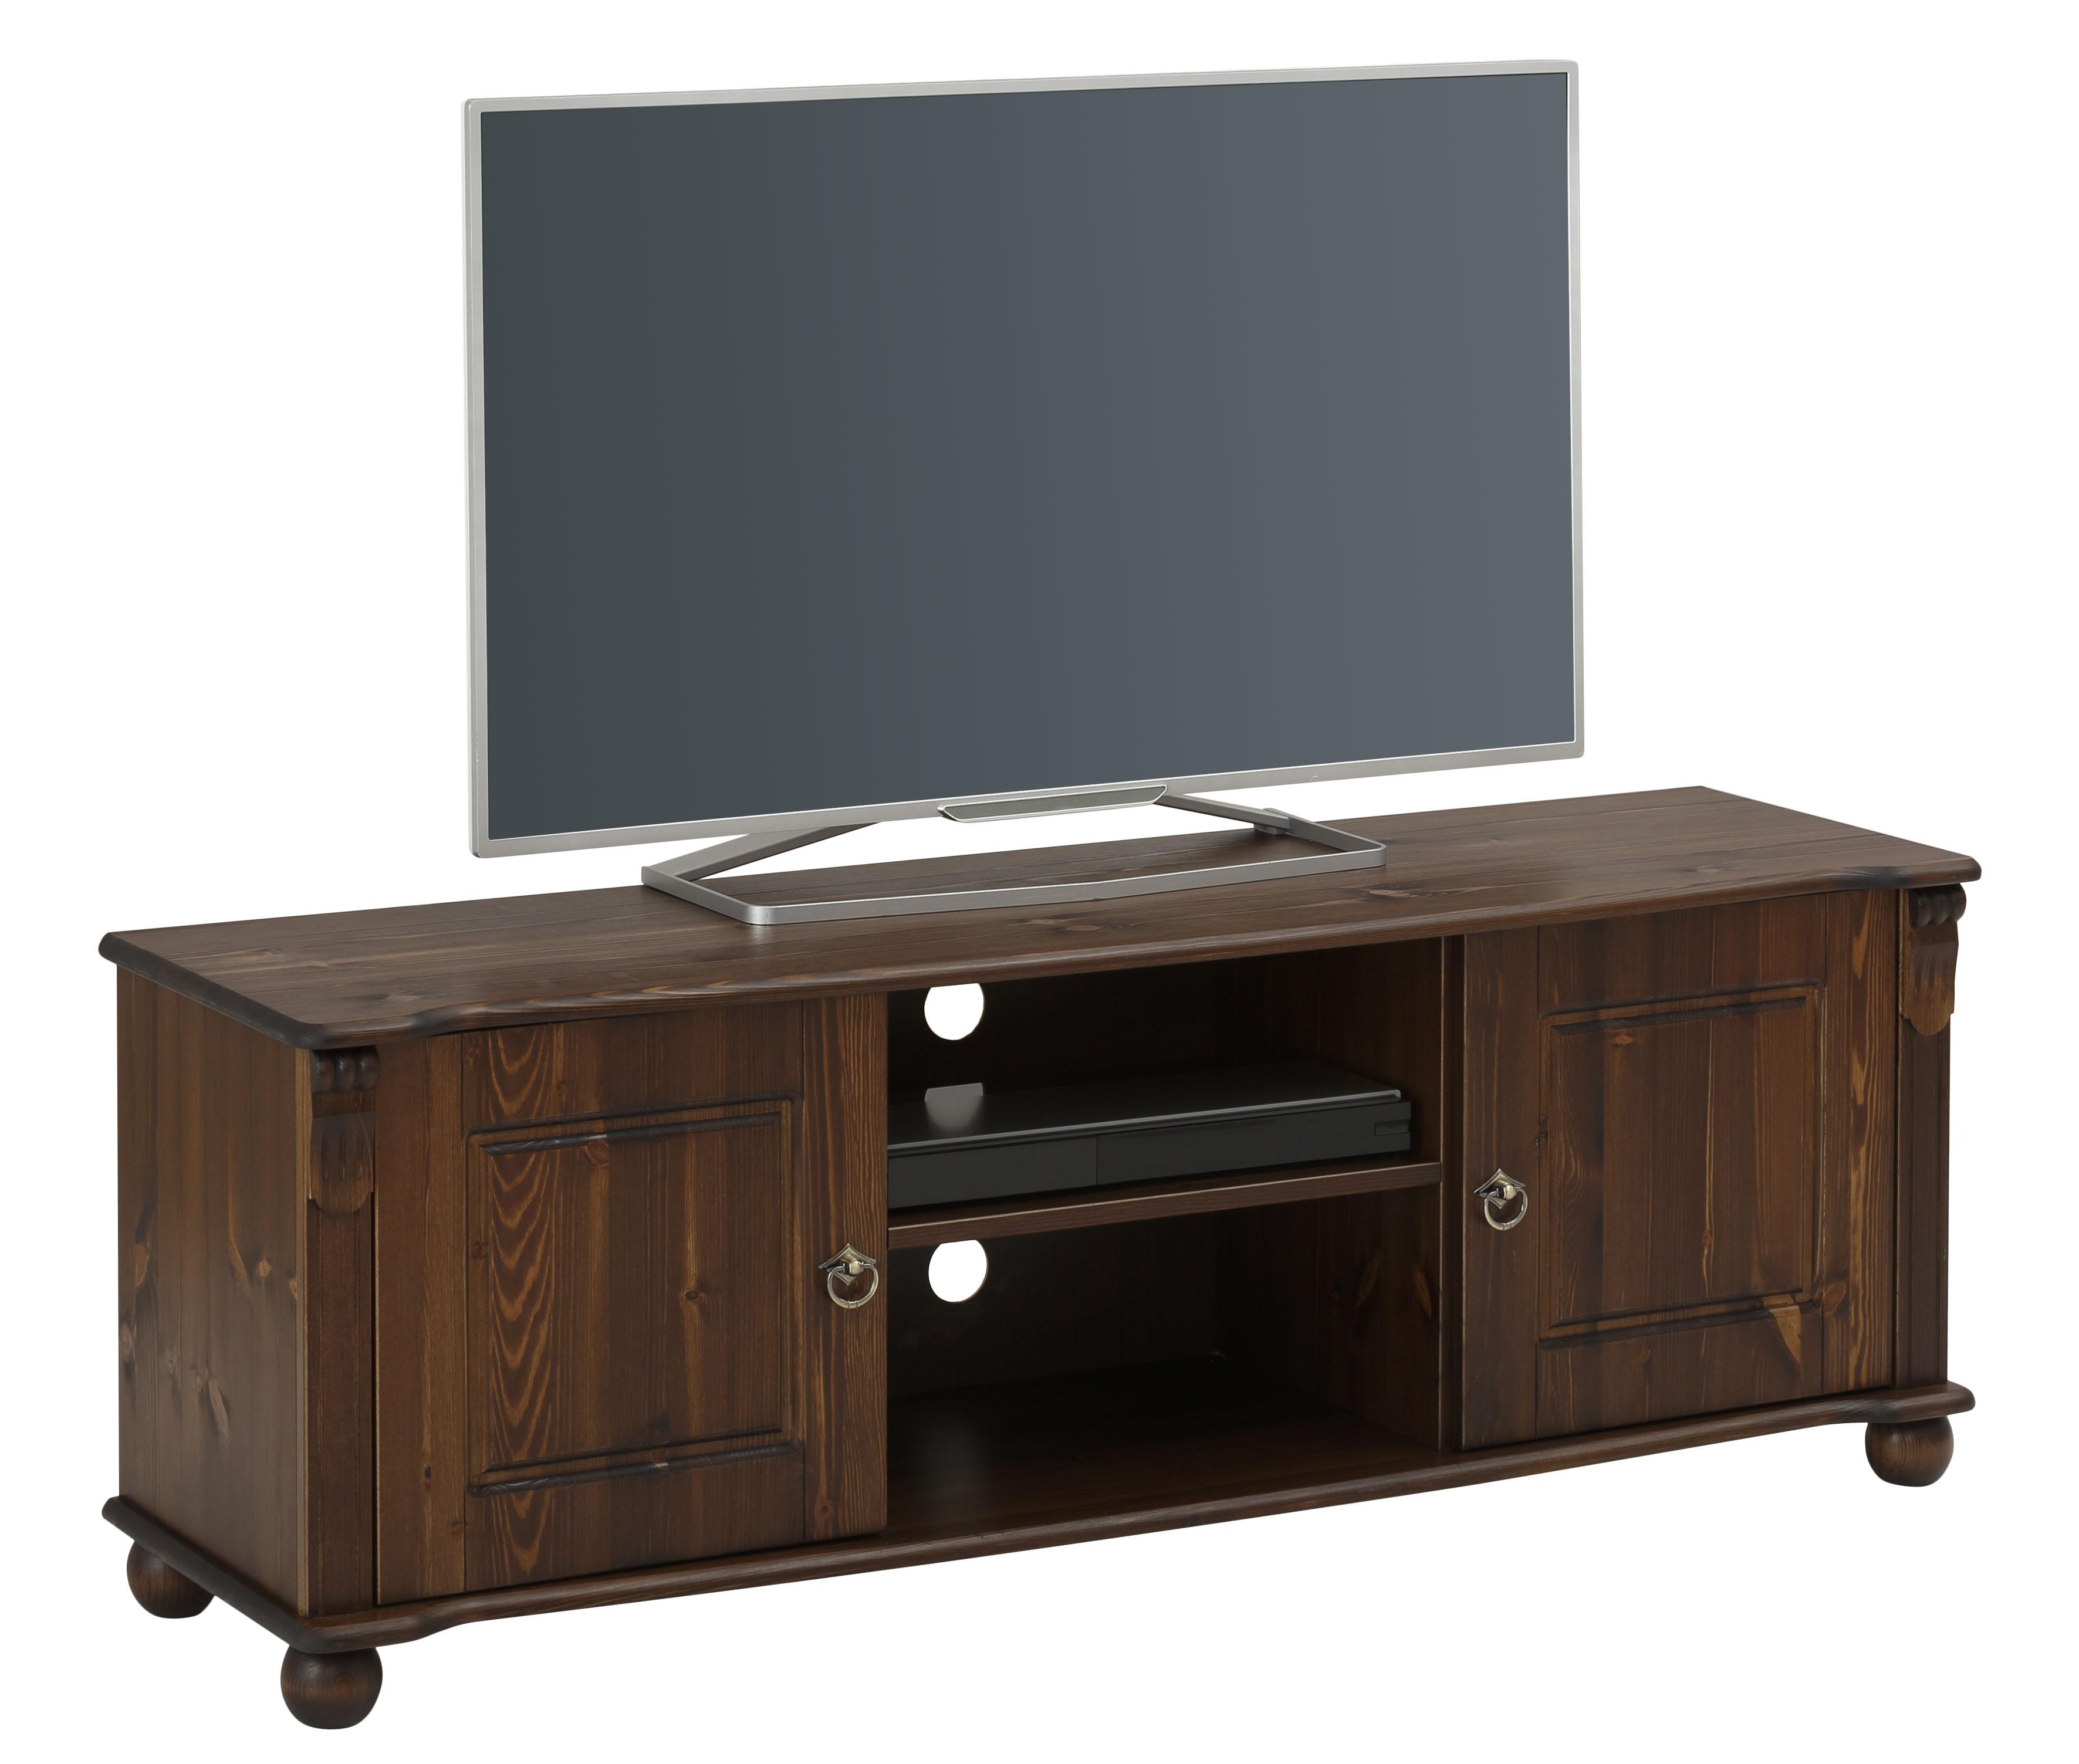 Home affaire TV-Board Ferrera